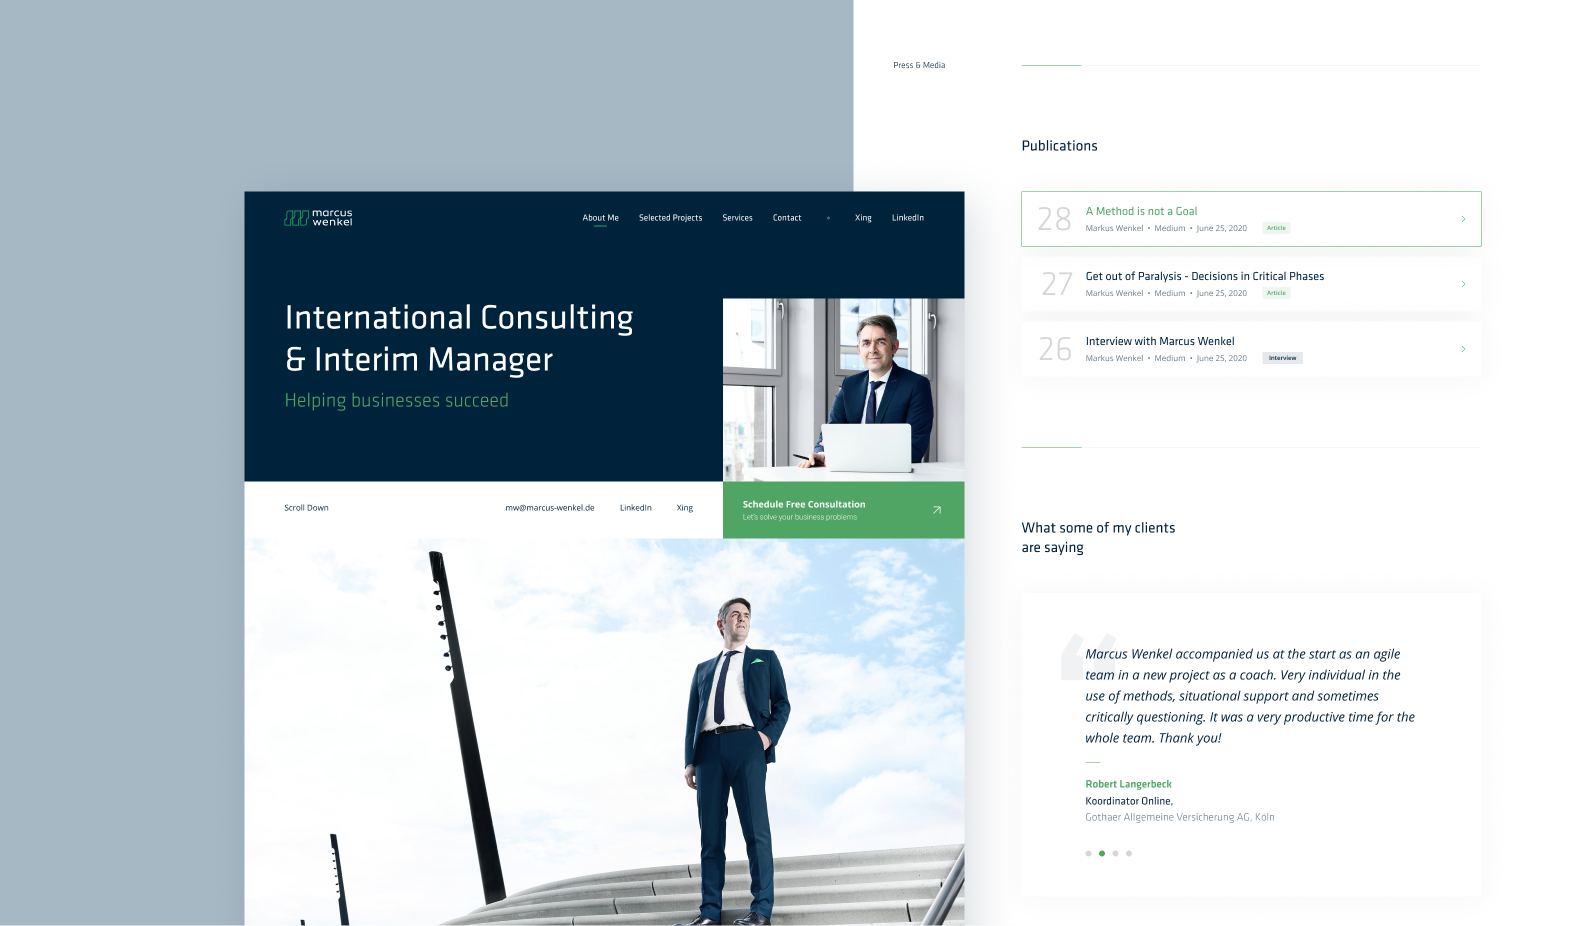 Marcus Wenkel UI/UX design of his new website